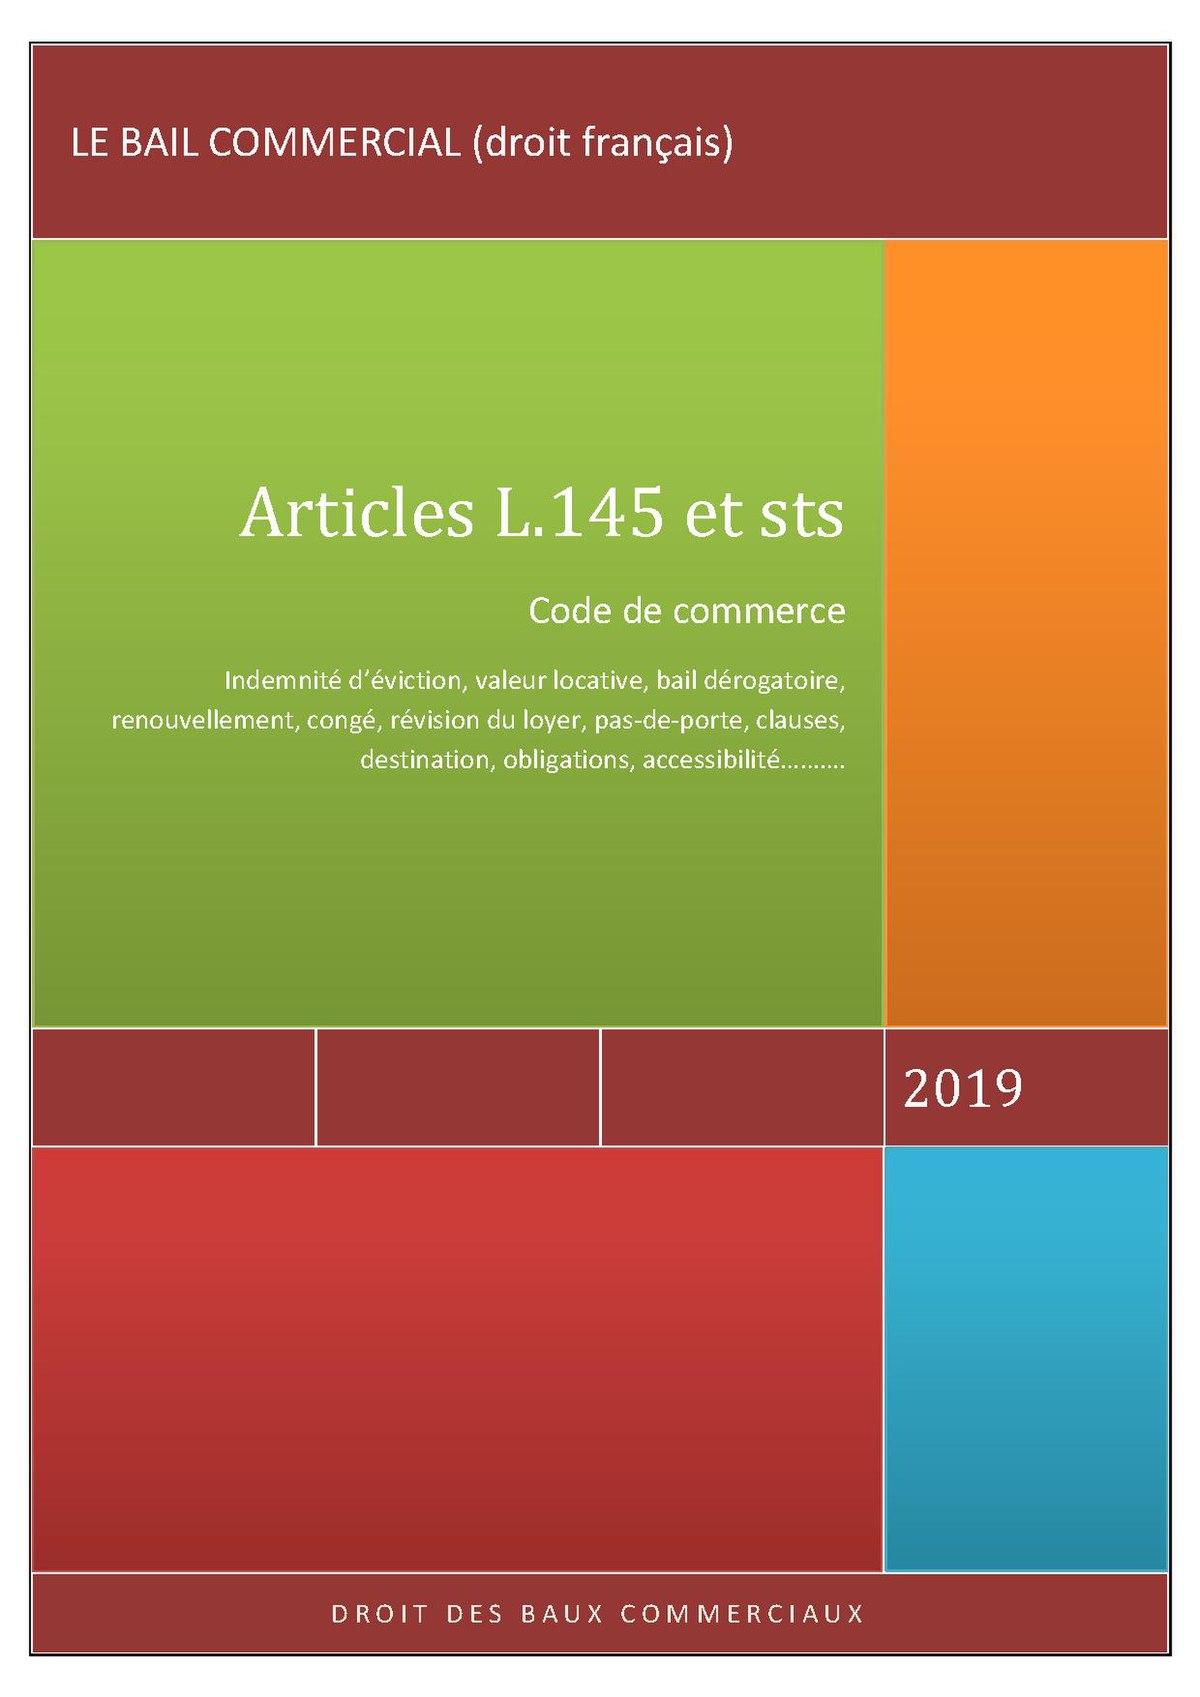 Bail Commercial Droit Francais Wikipedia